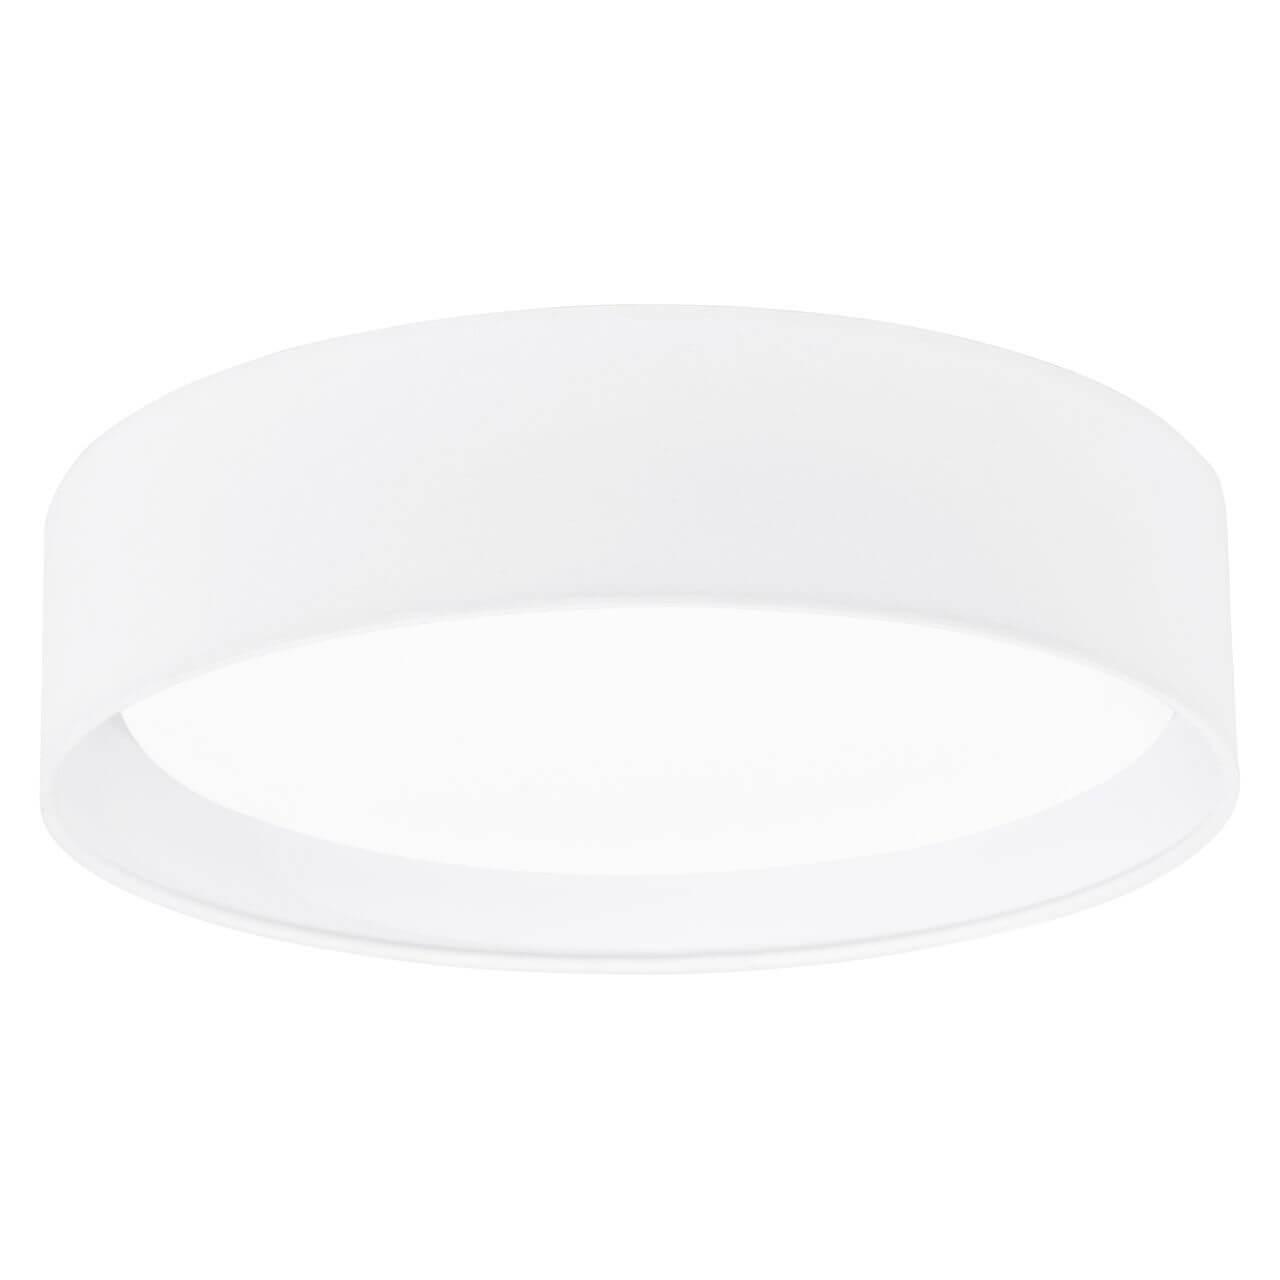 Настенно-потолочный светильник Eglo 31588, LED, 12 Вт потолочный светильник eglo pasteri 94919